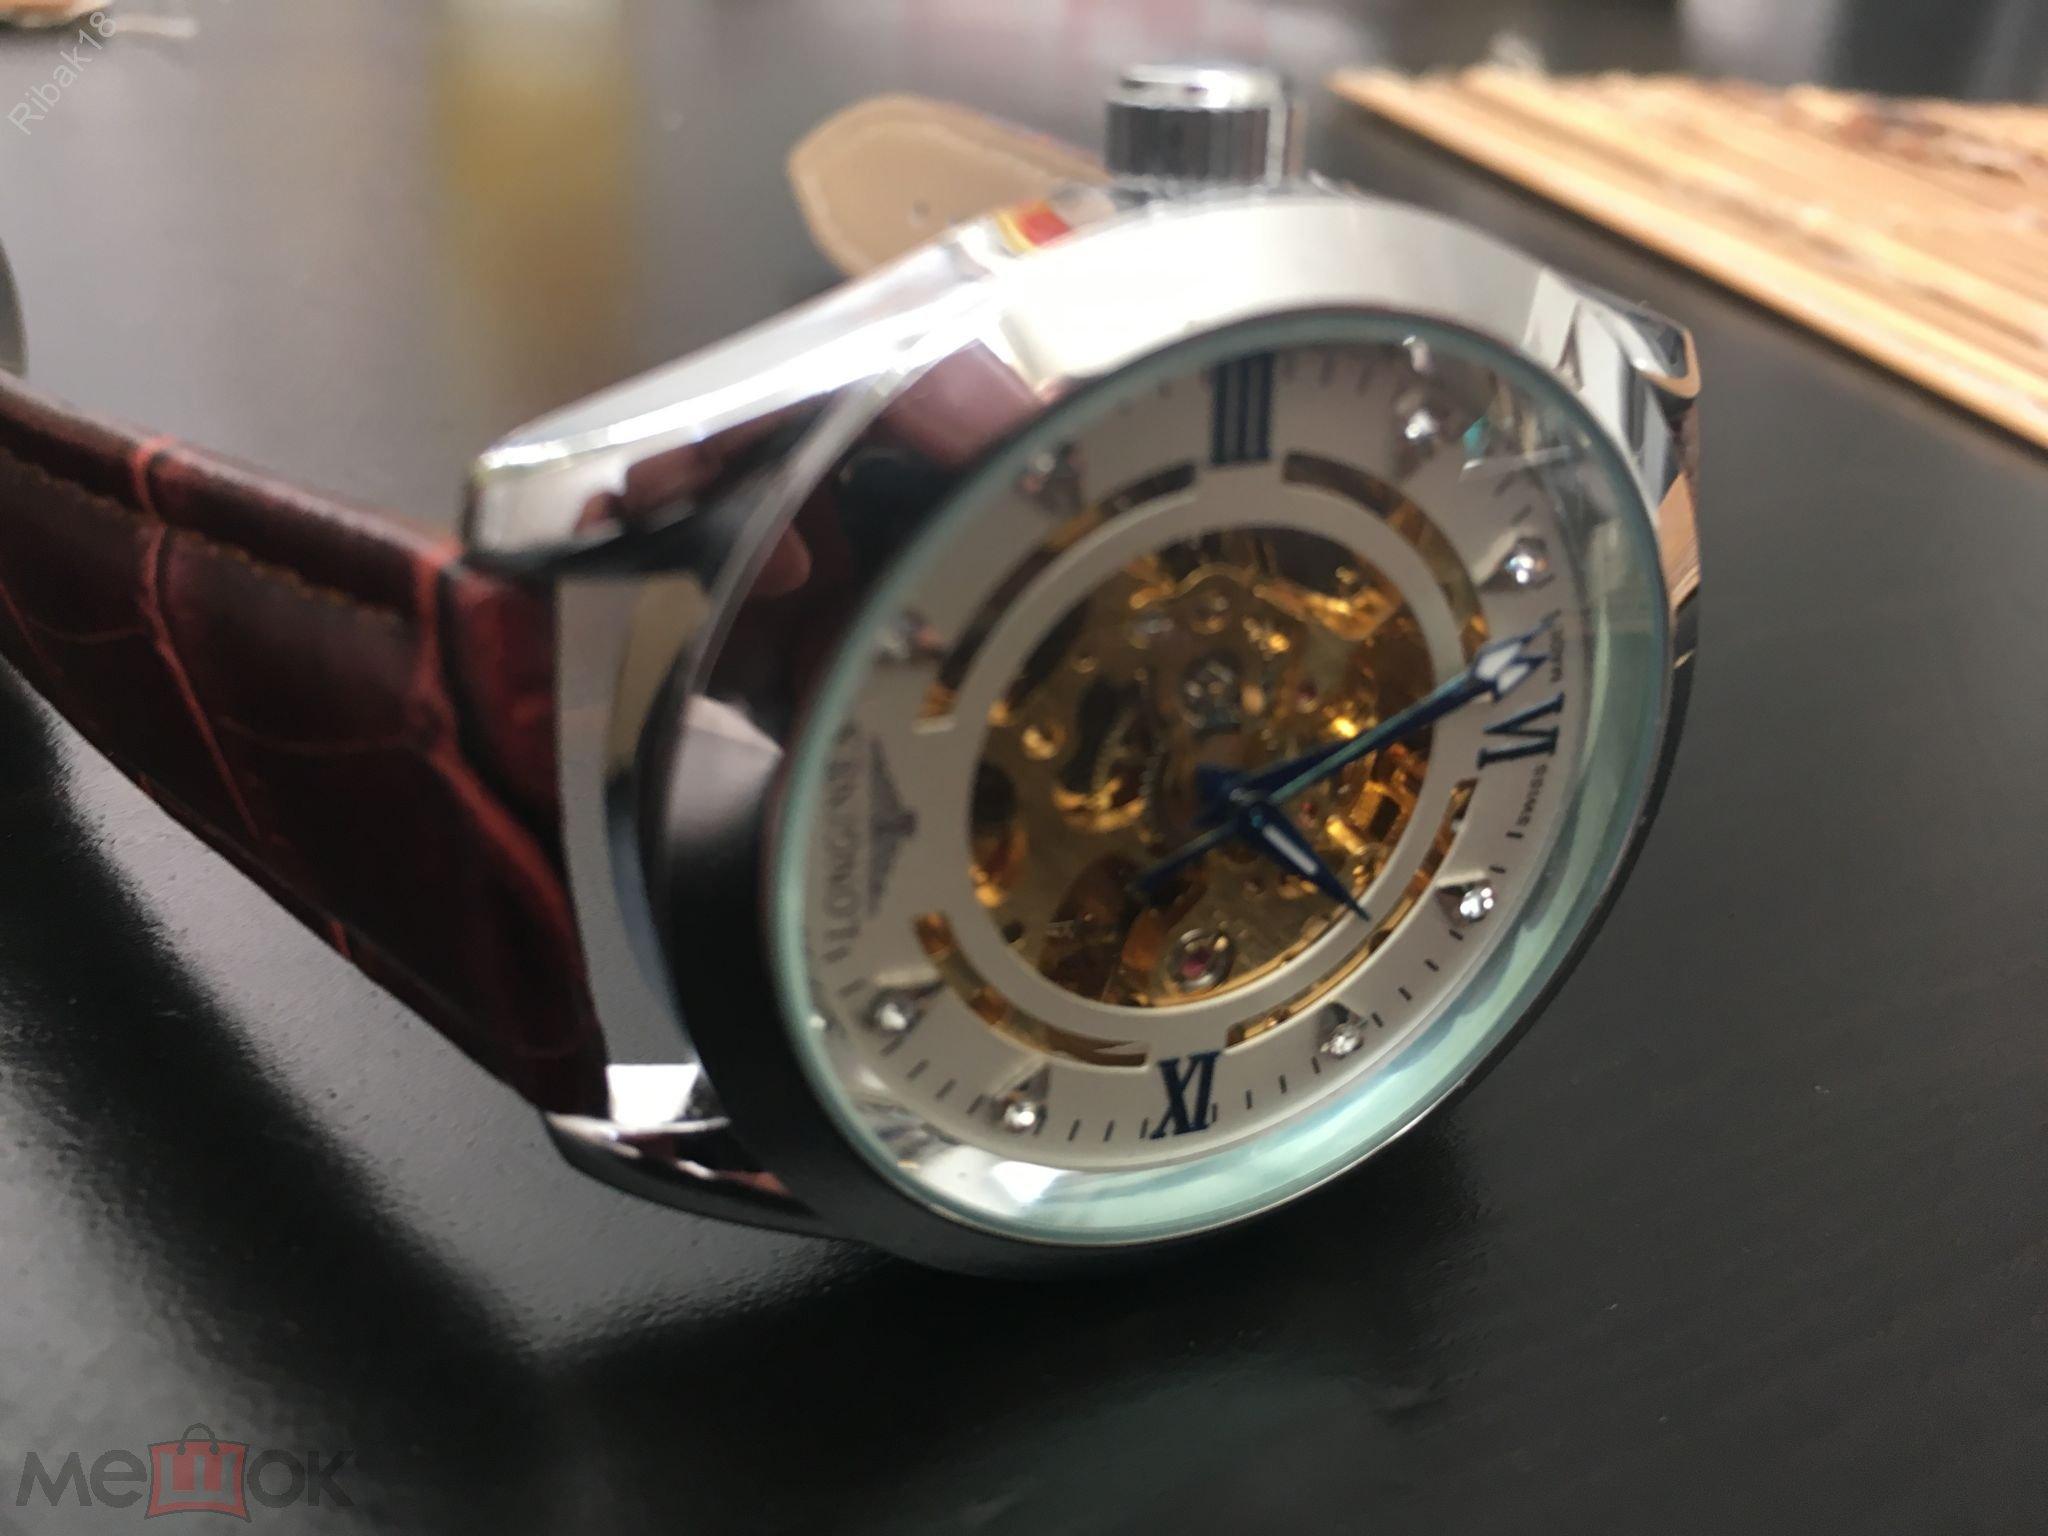 Longines швейцарские часы механические мужские - Видео есть!